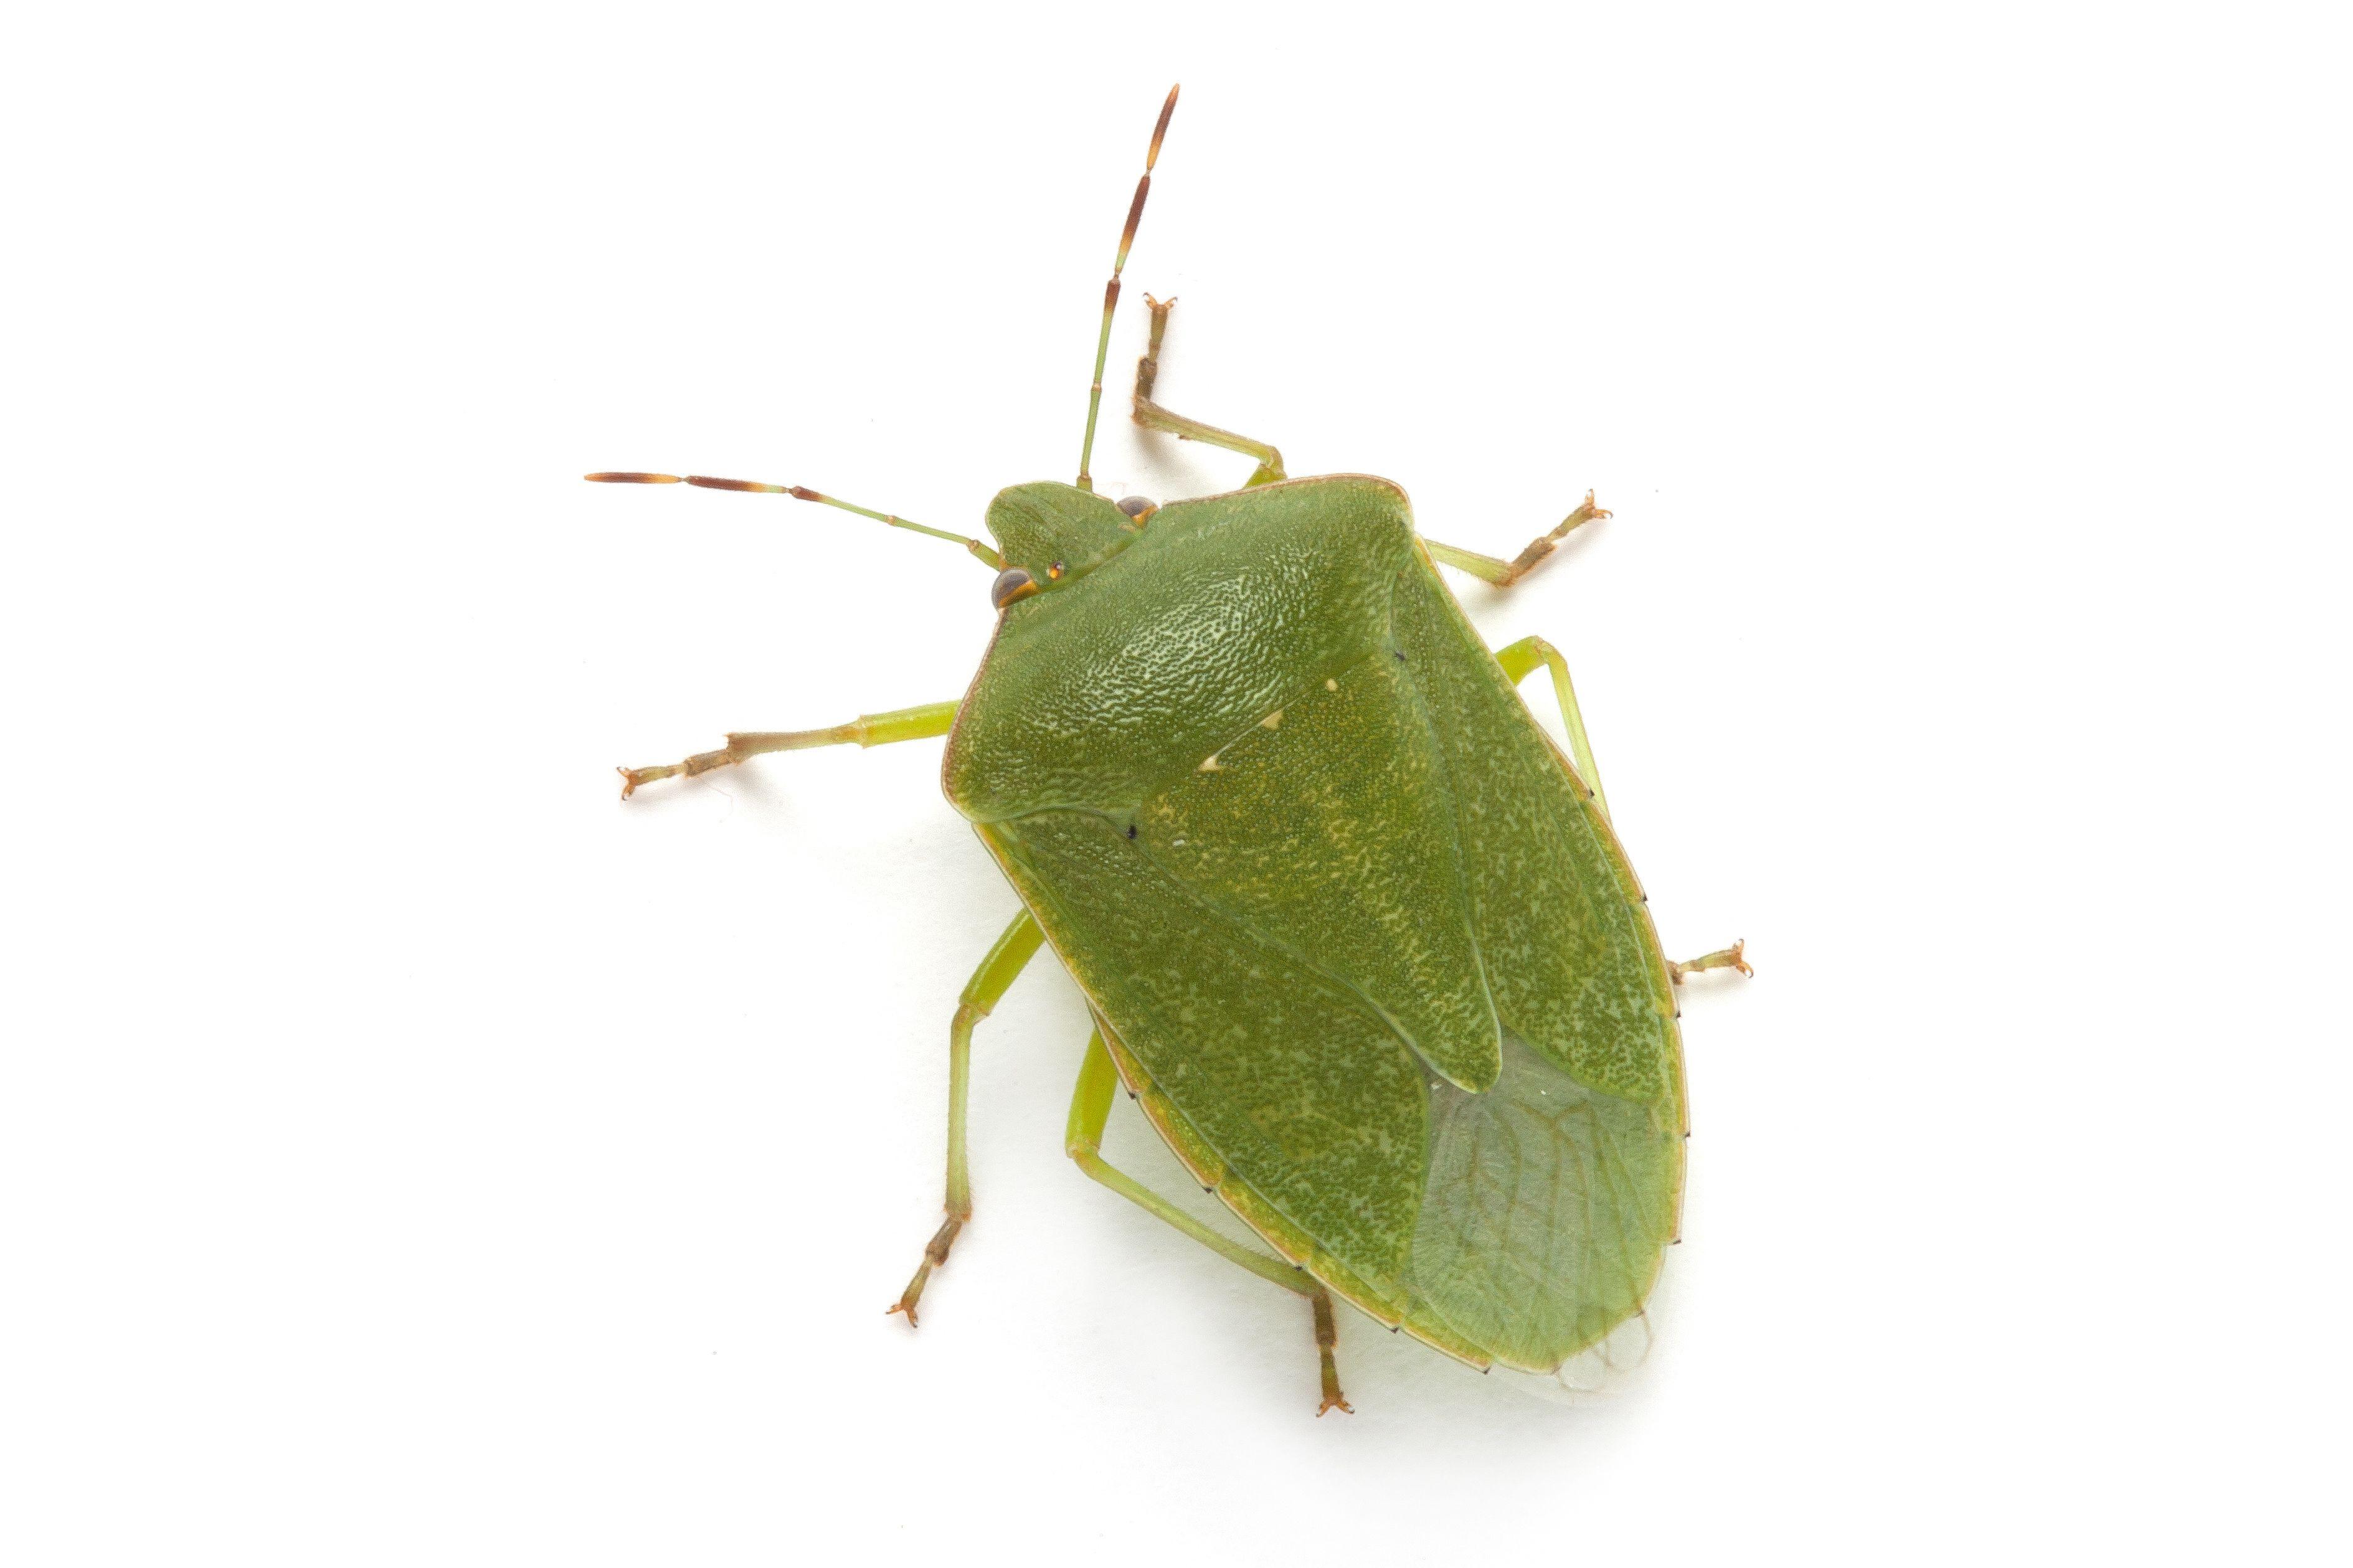 Tiny Plants Stink Bugs Family Pentatomidae